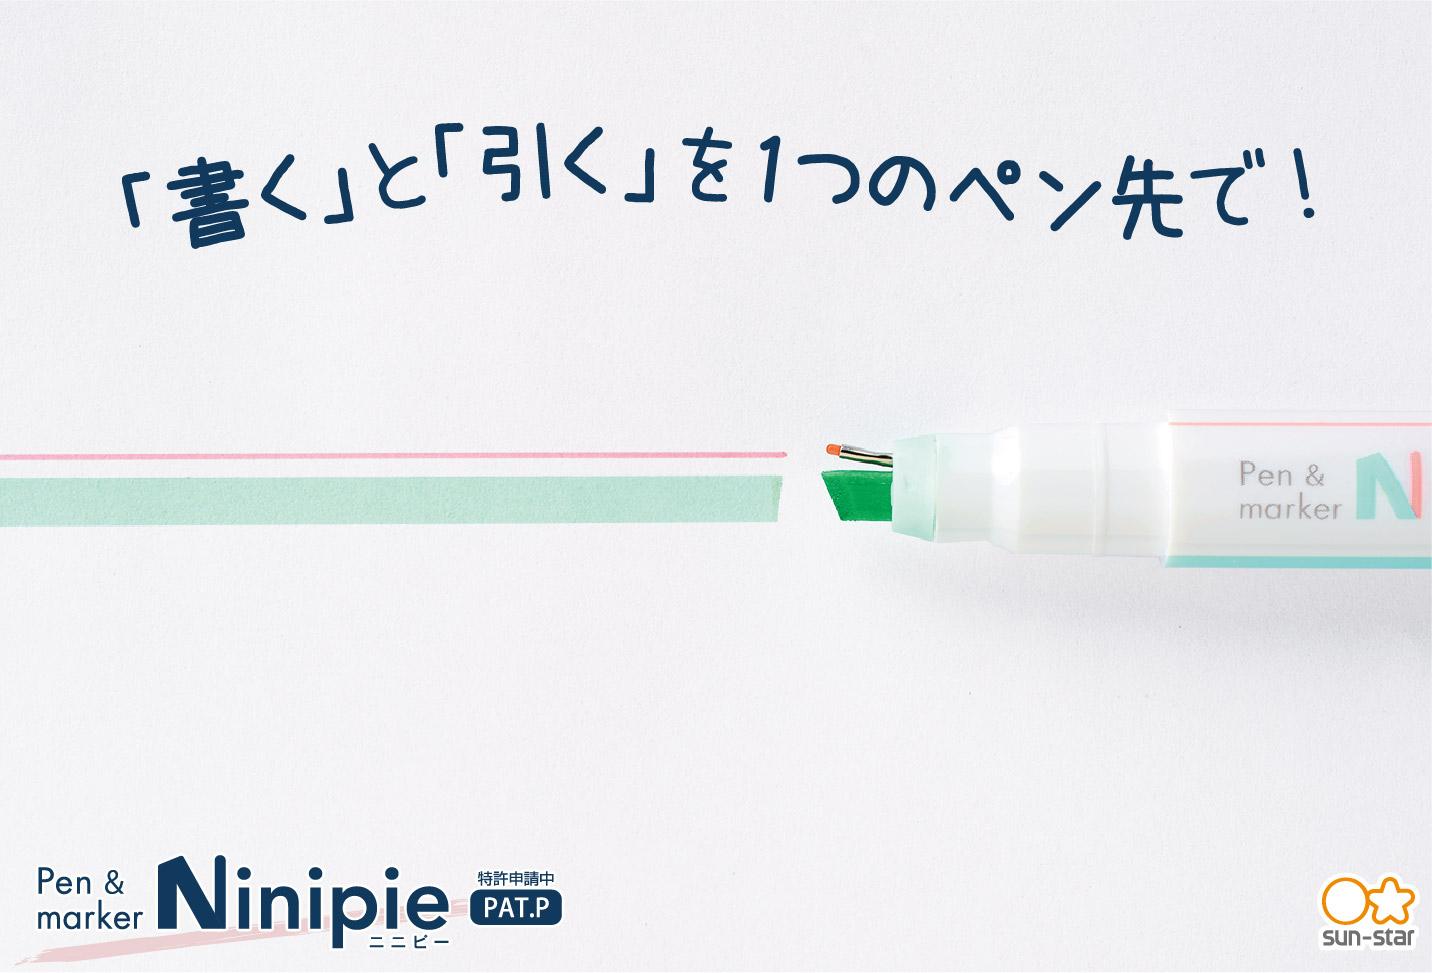 サンスター文具 Ninipie(ニニピー)